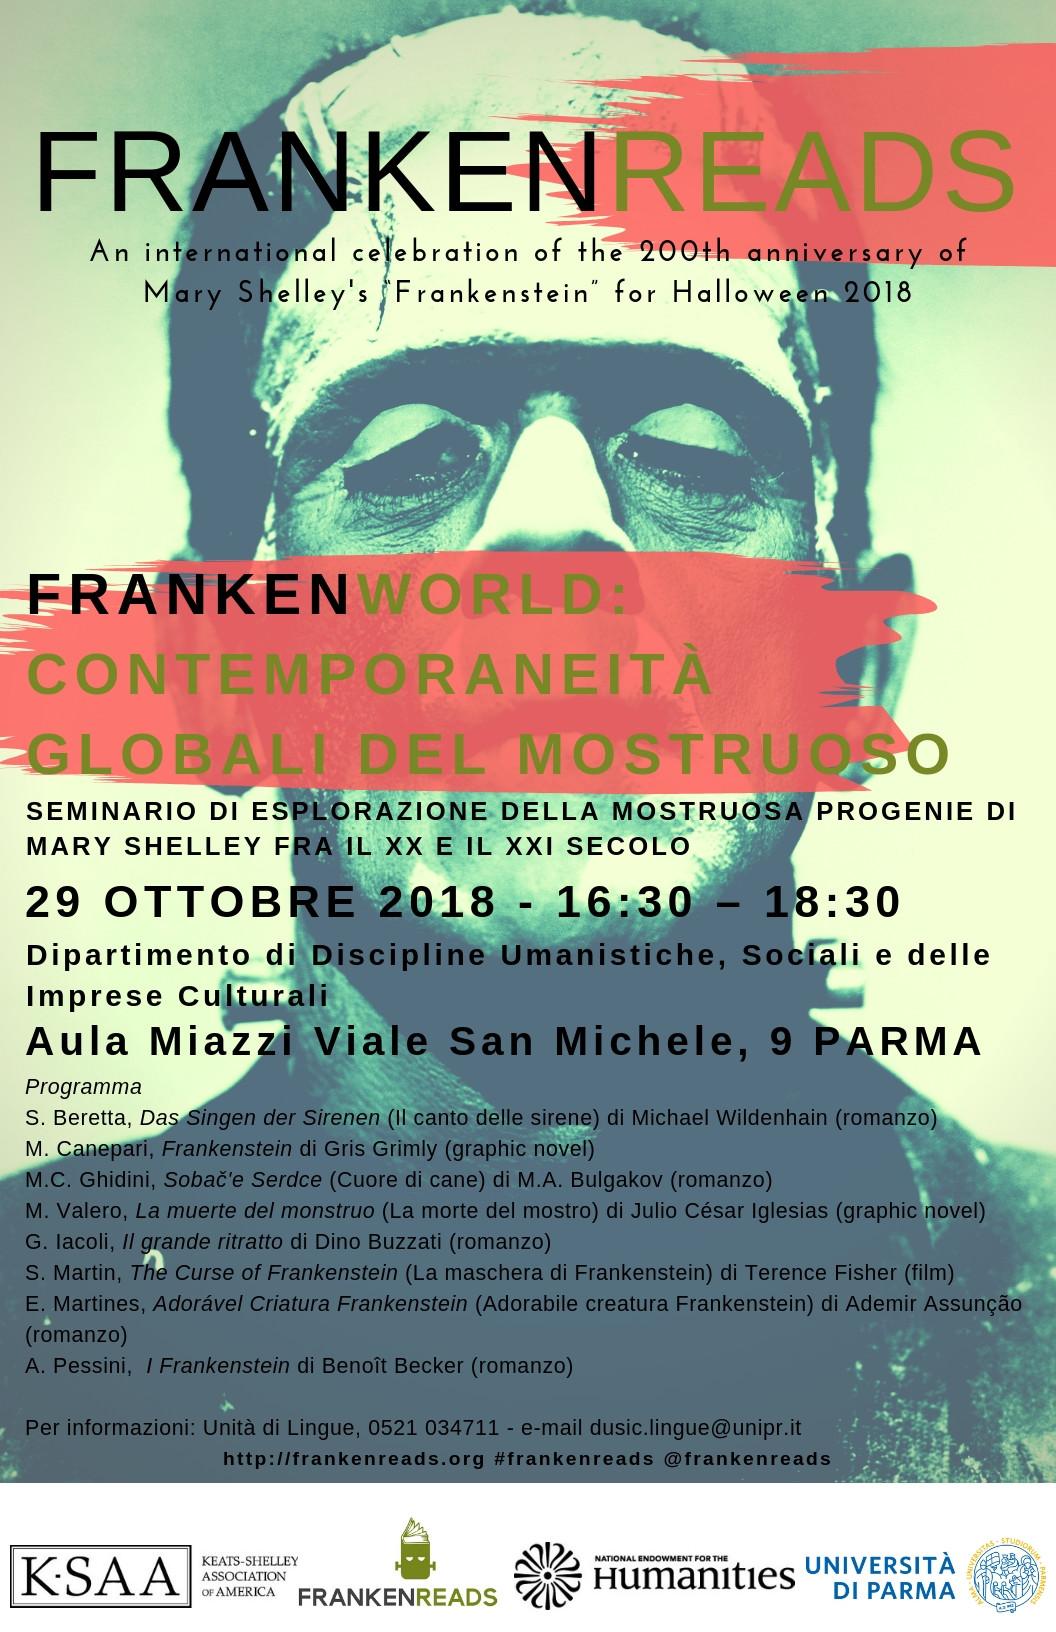 Iniziativa su Frankenstein dell'Università di Parma, programma del 29 ottobre